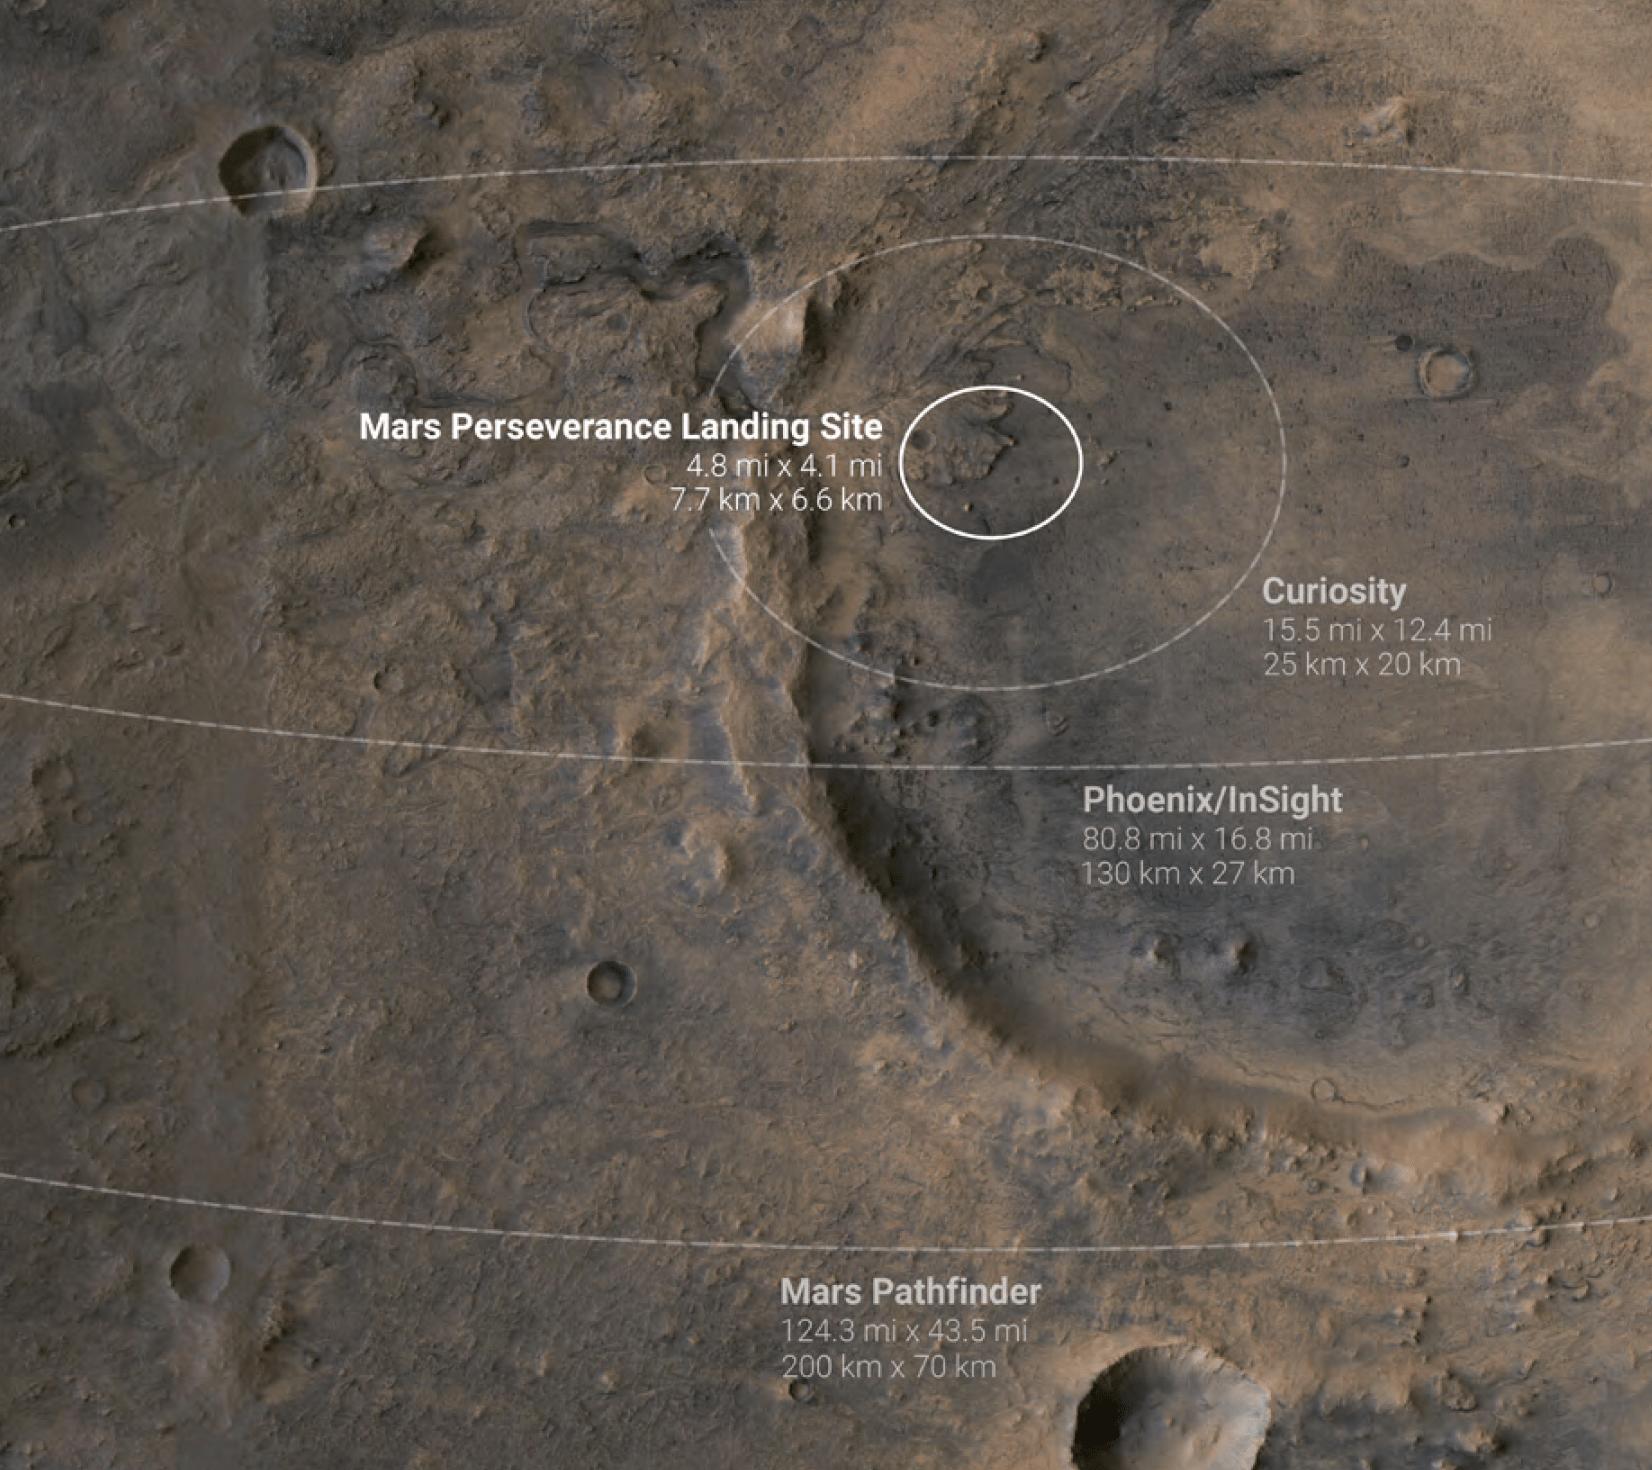 Confronto delle aree di arrivo previste fra Mars 2020, Curiosity e Insight. Credits: NASA.